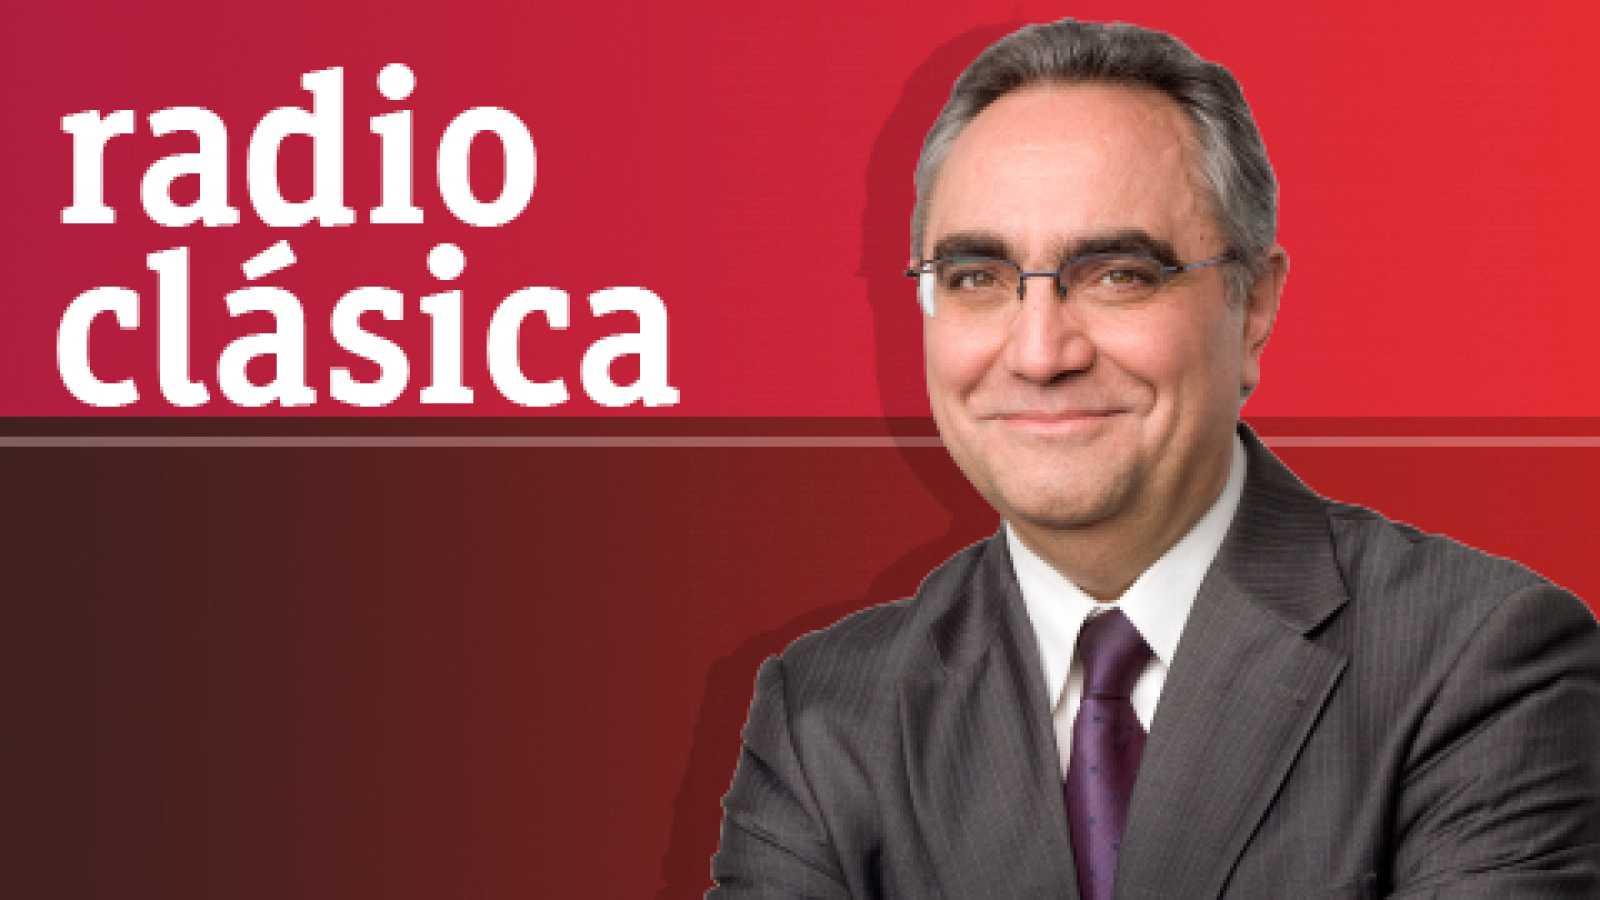 El secreto de las musas - Valderrábano - 15/02/14 - escuchar ahora